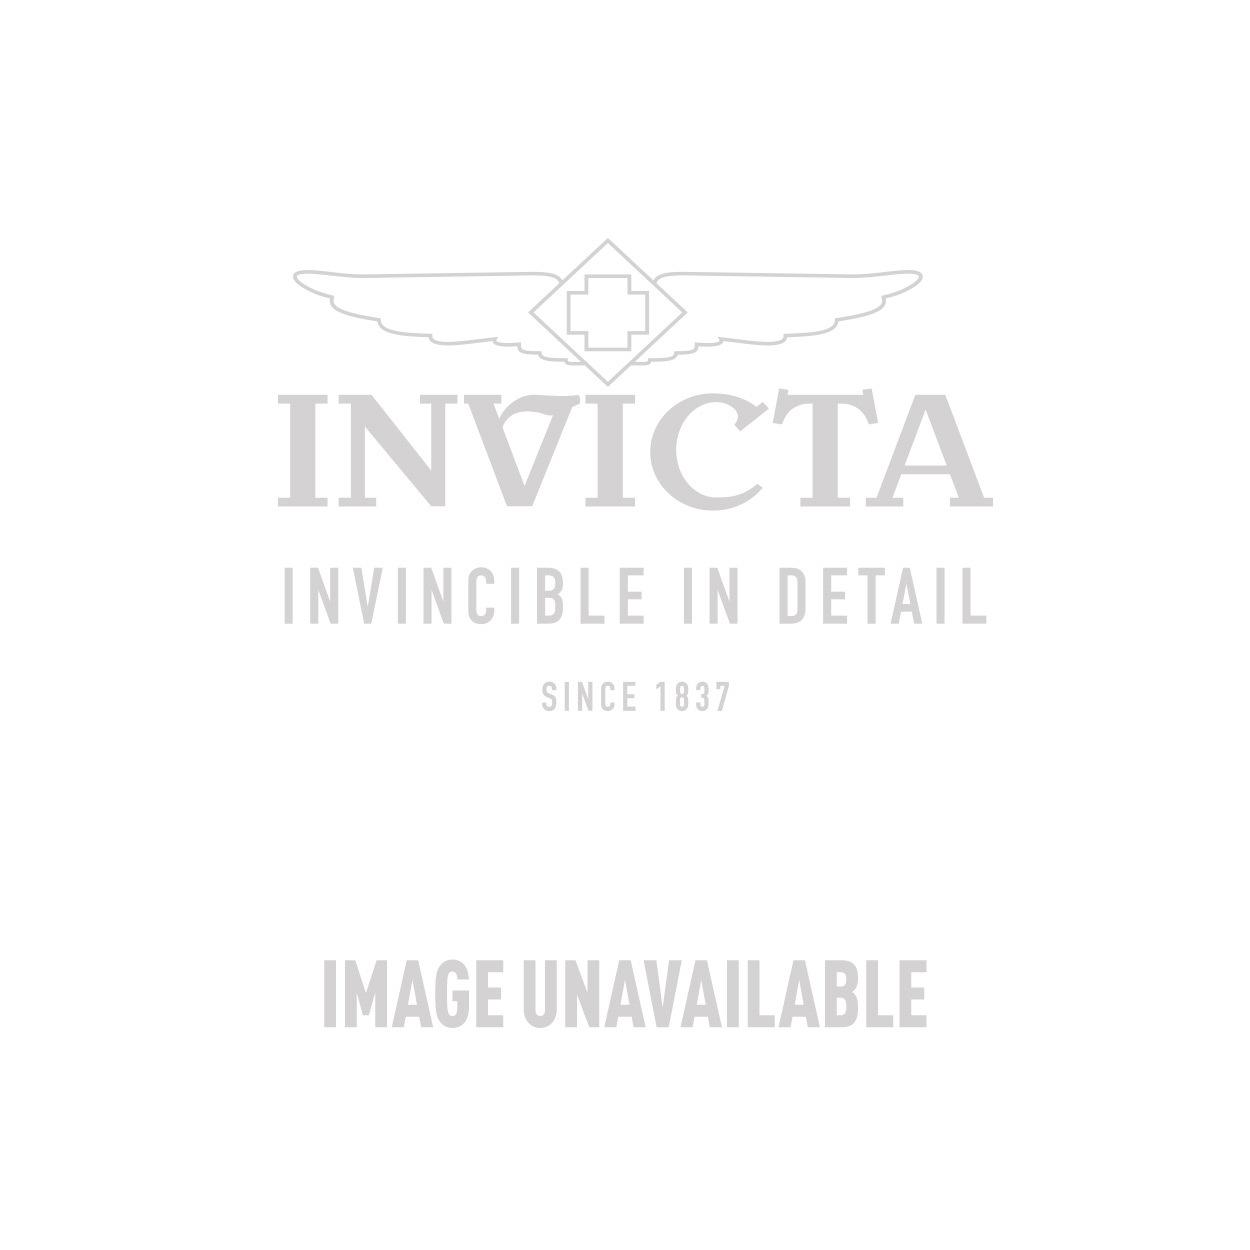 Invicta Model 28507